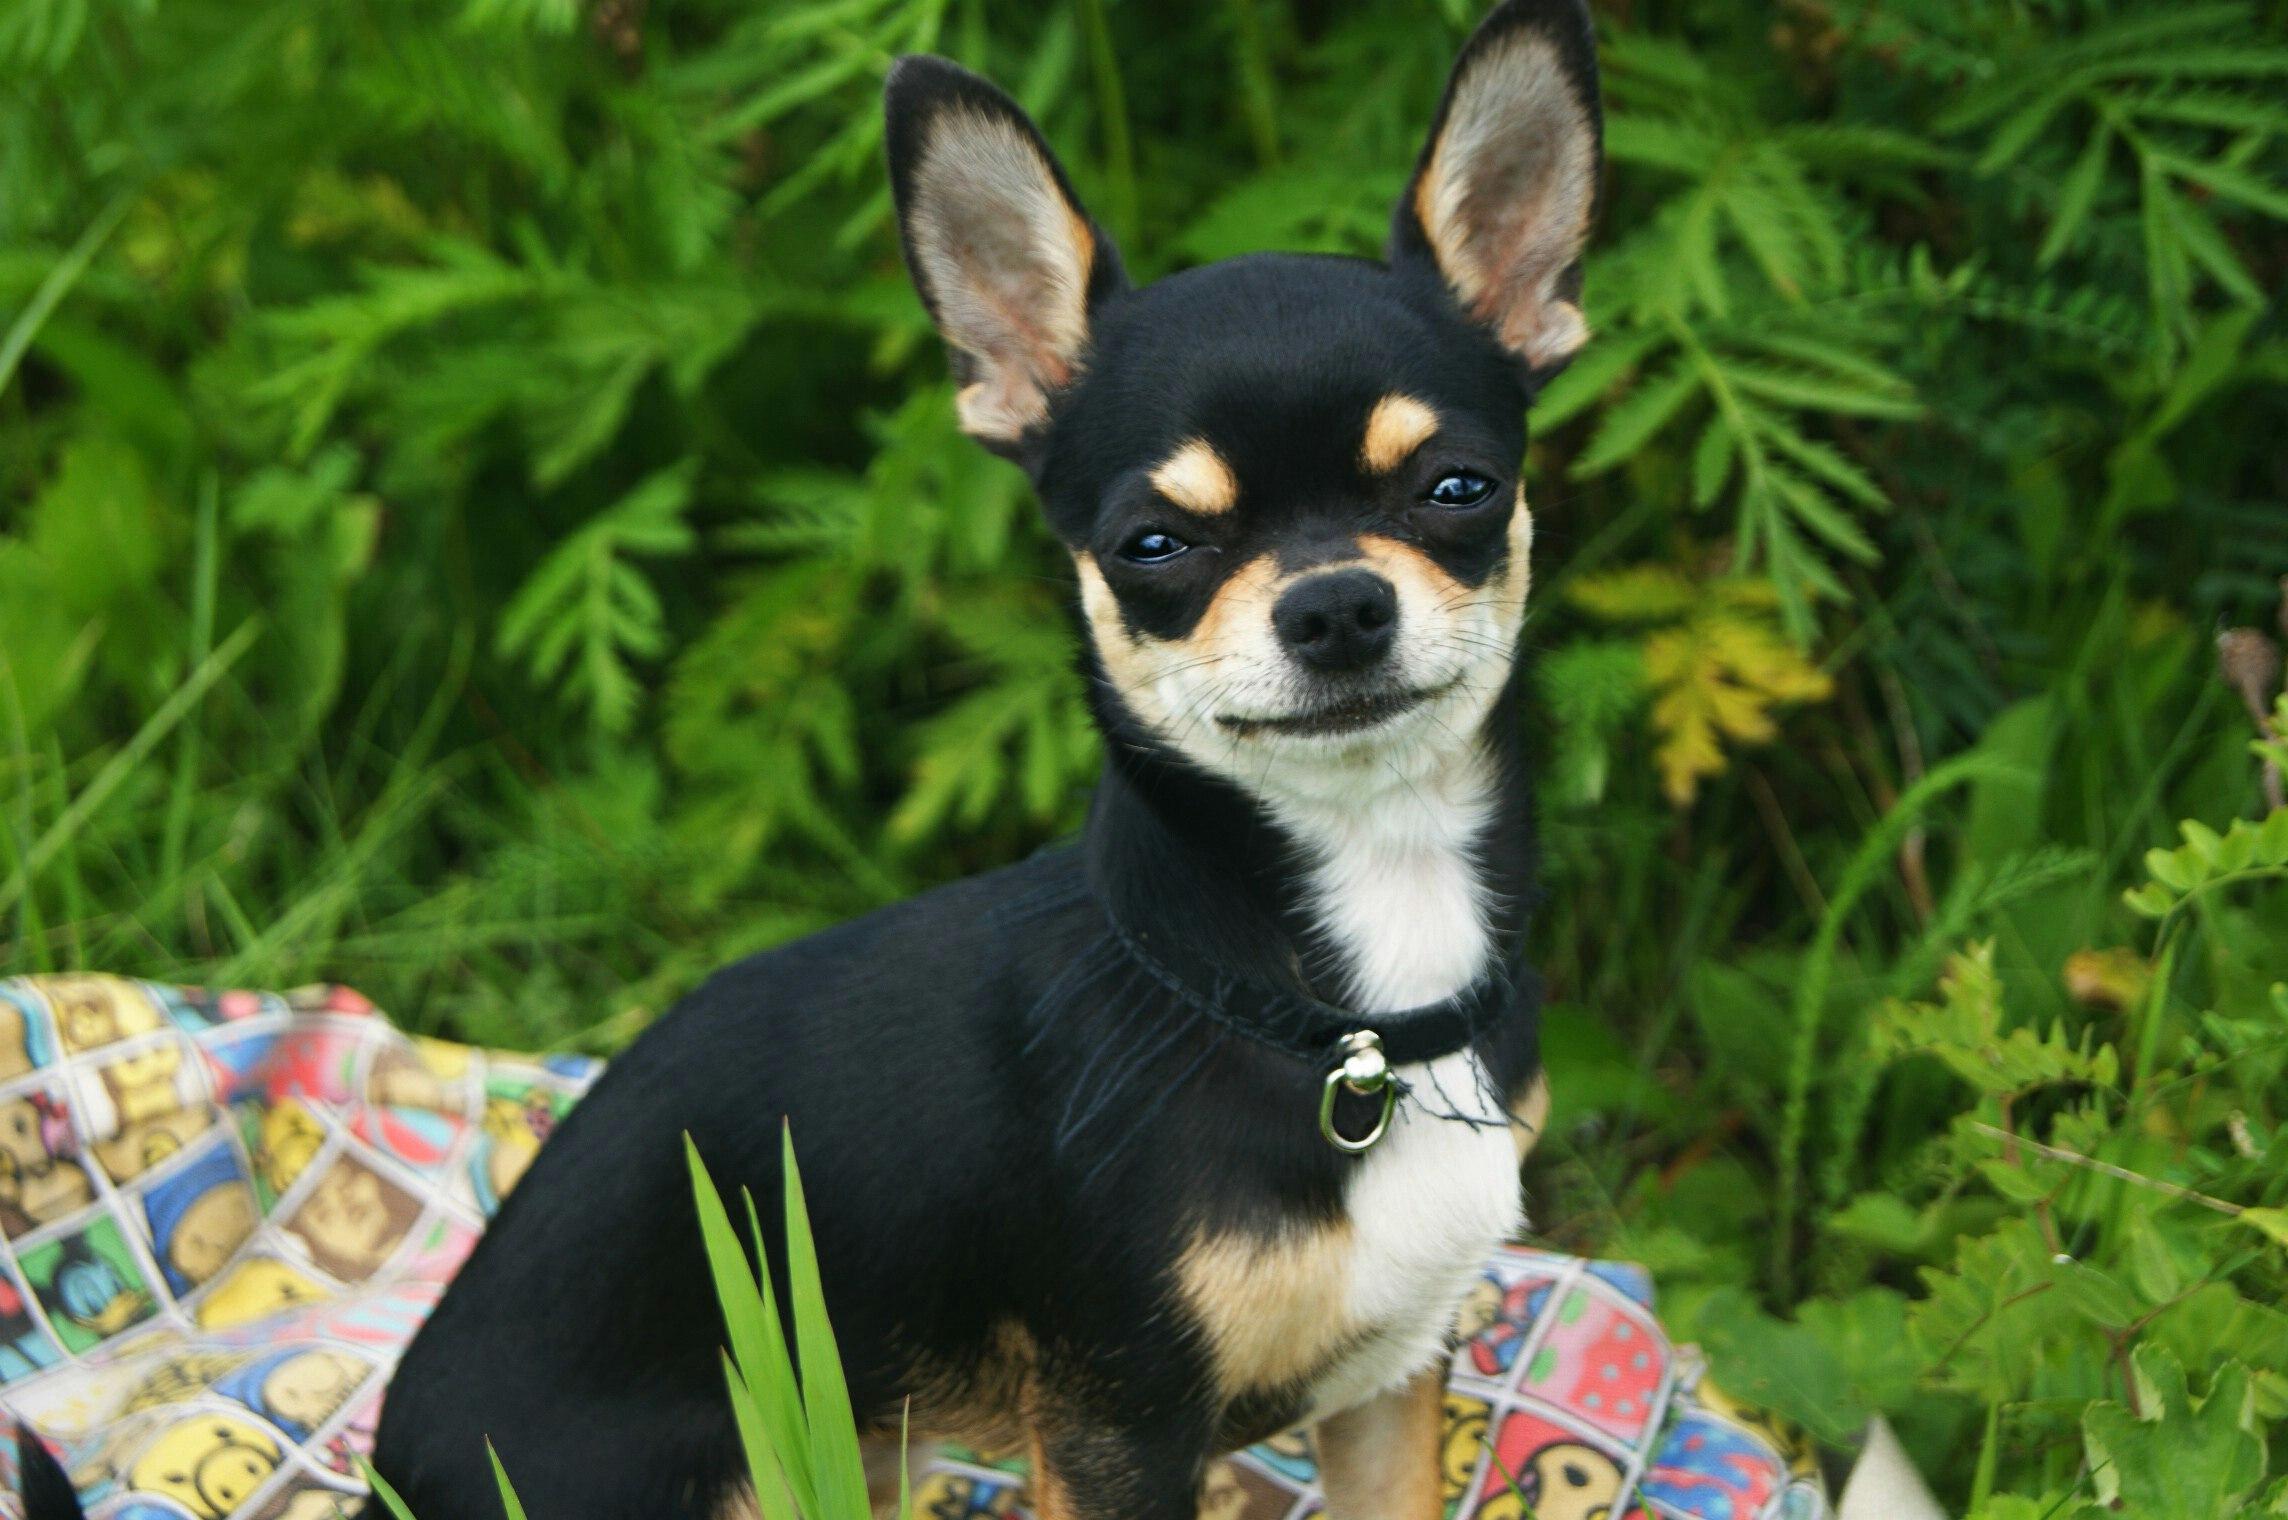 собаки маленьких пород и картинка и название нашей статье